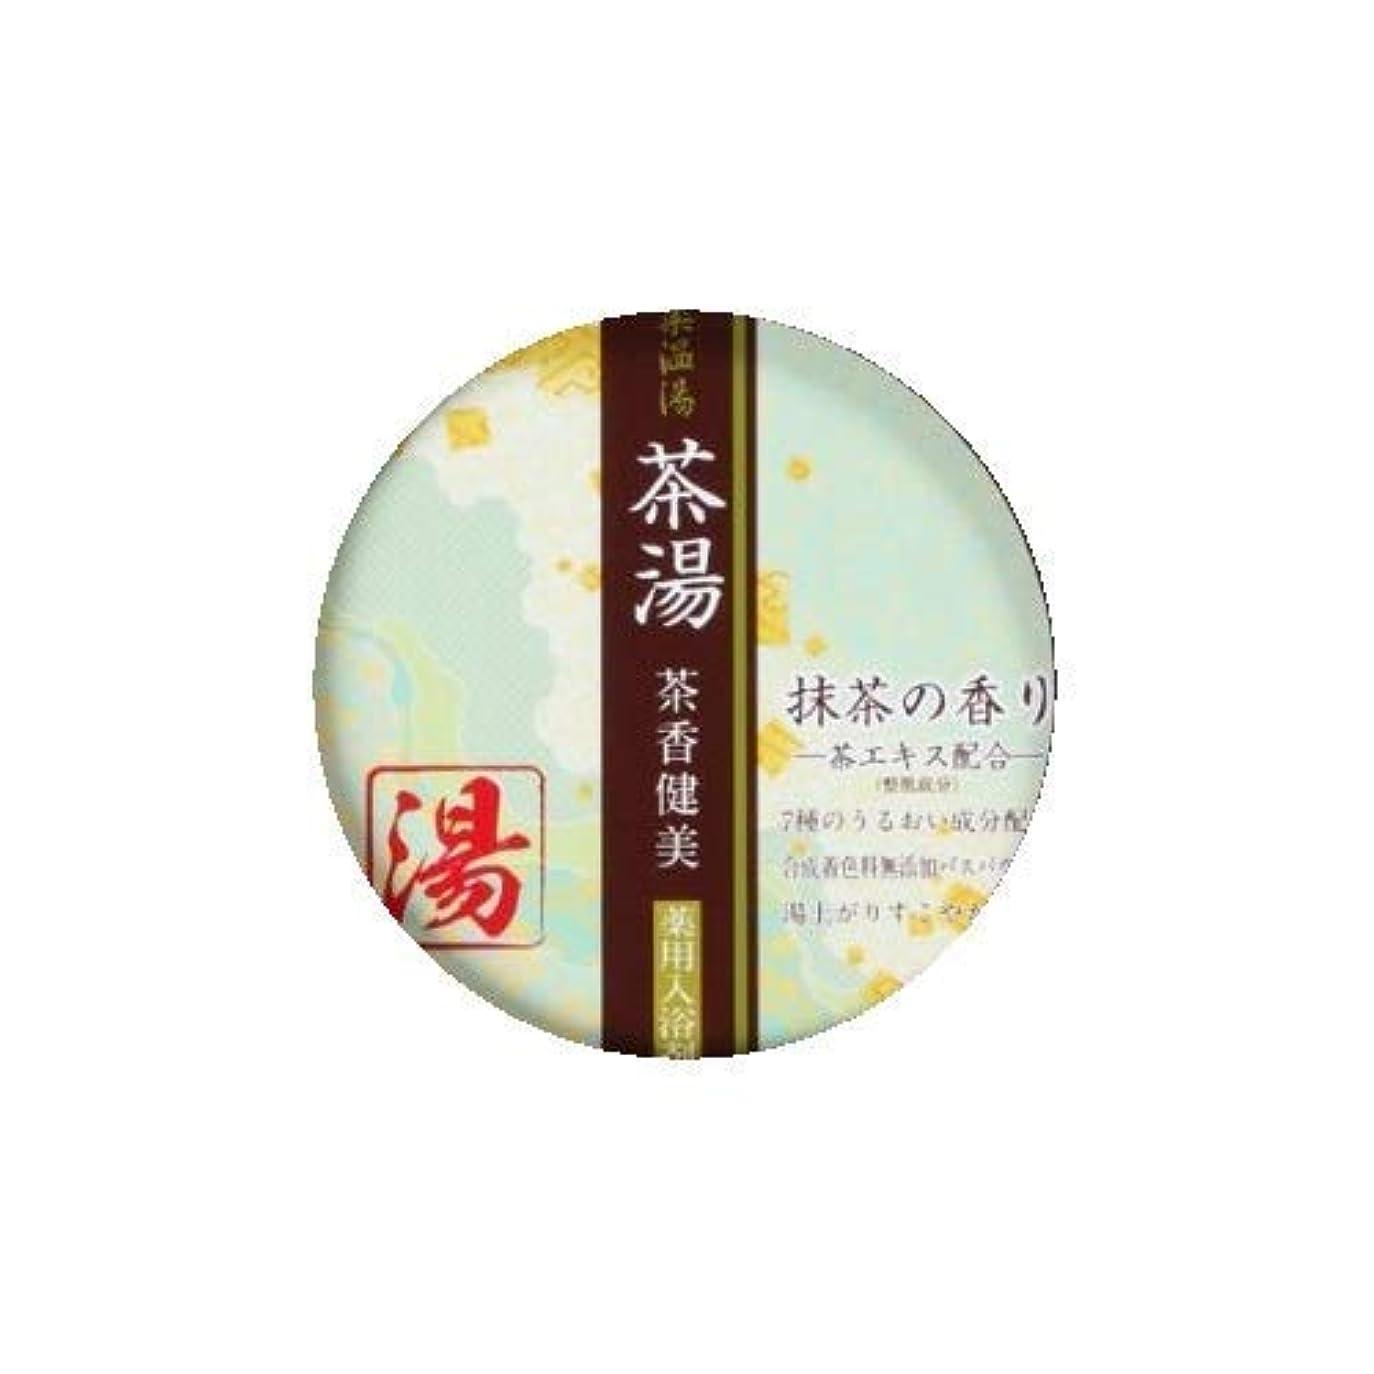 正当化する母木曜日薬温湯 茶湯 入浴料 抹茶の香り POF-10M